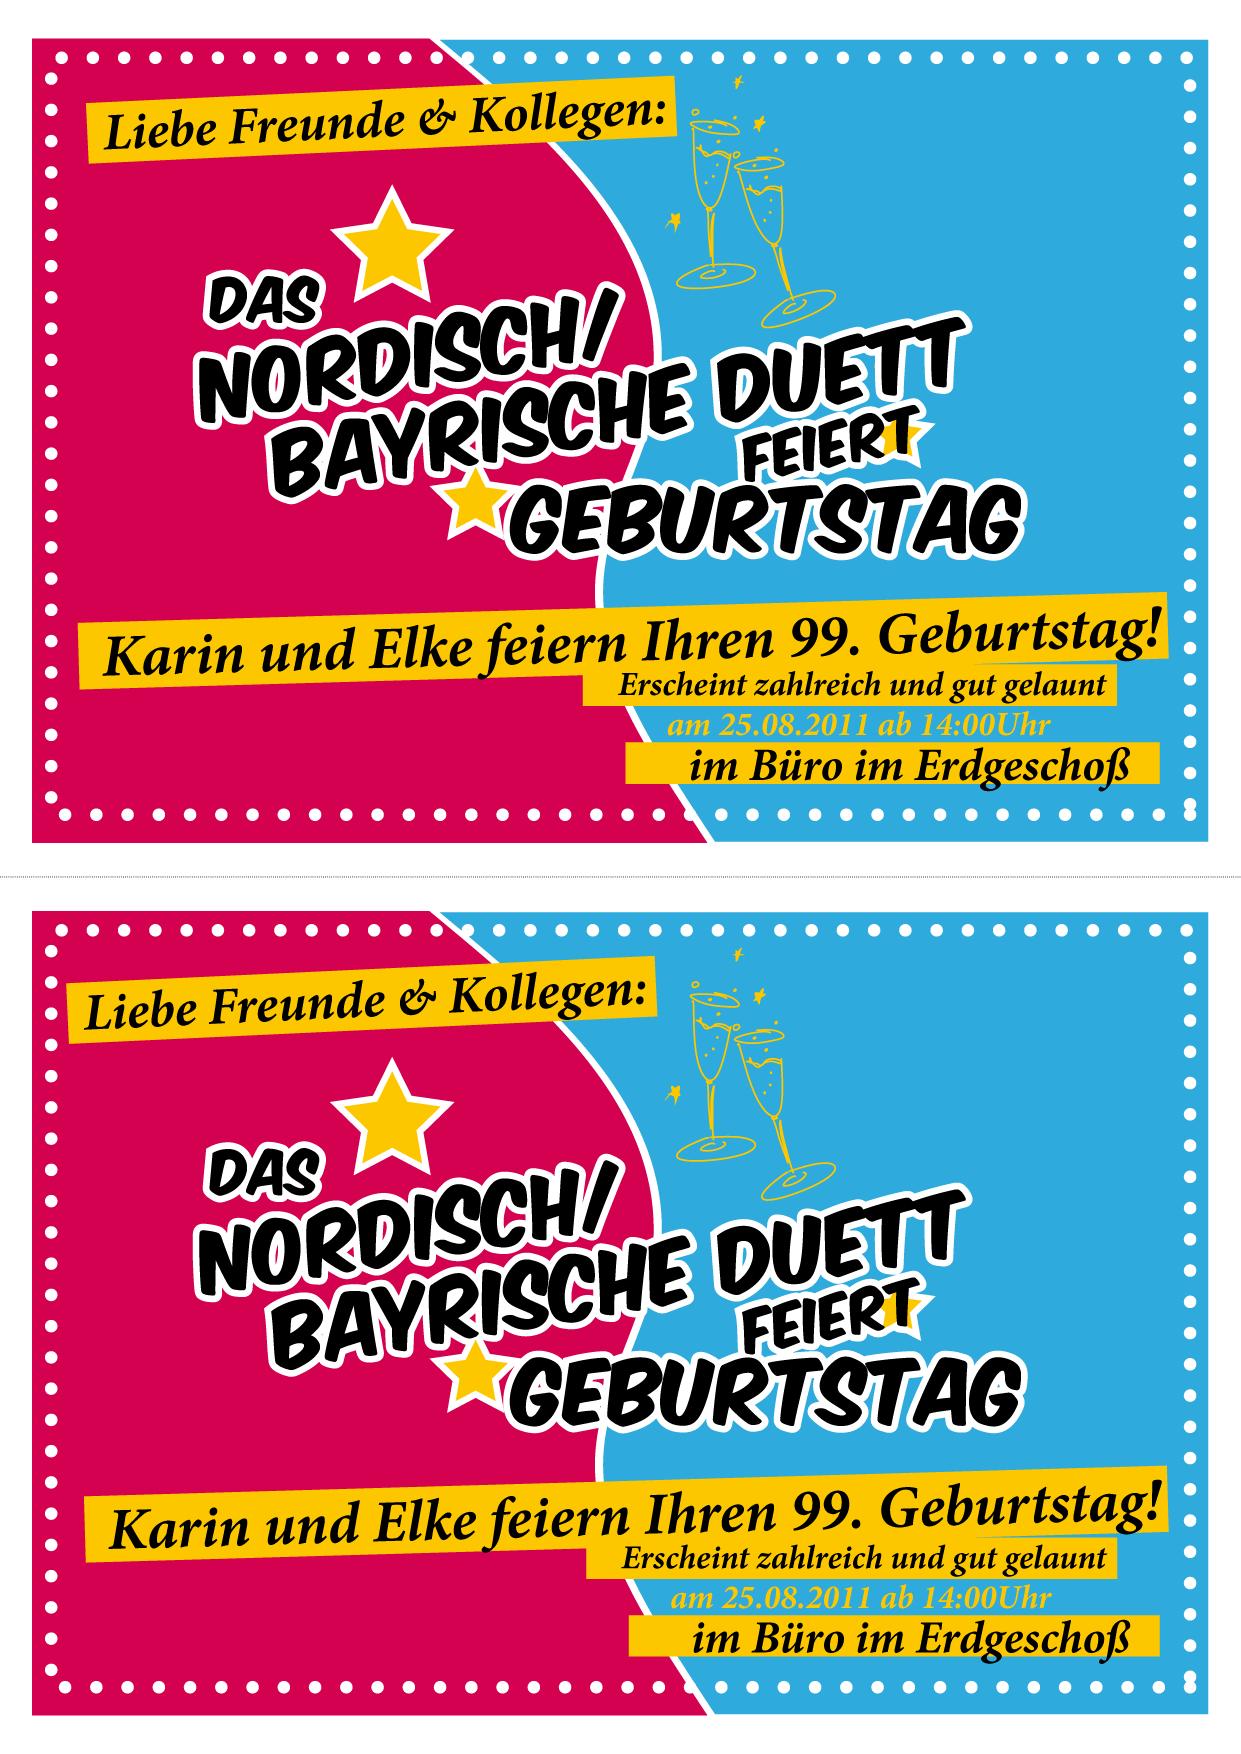 Einladung Zum Geburtstag » Sonstiges » Designen Lassen.ch, Einladungs